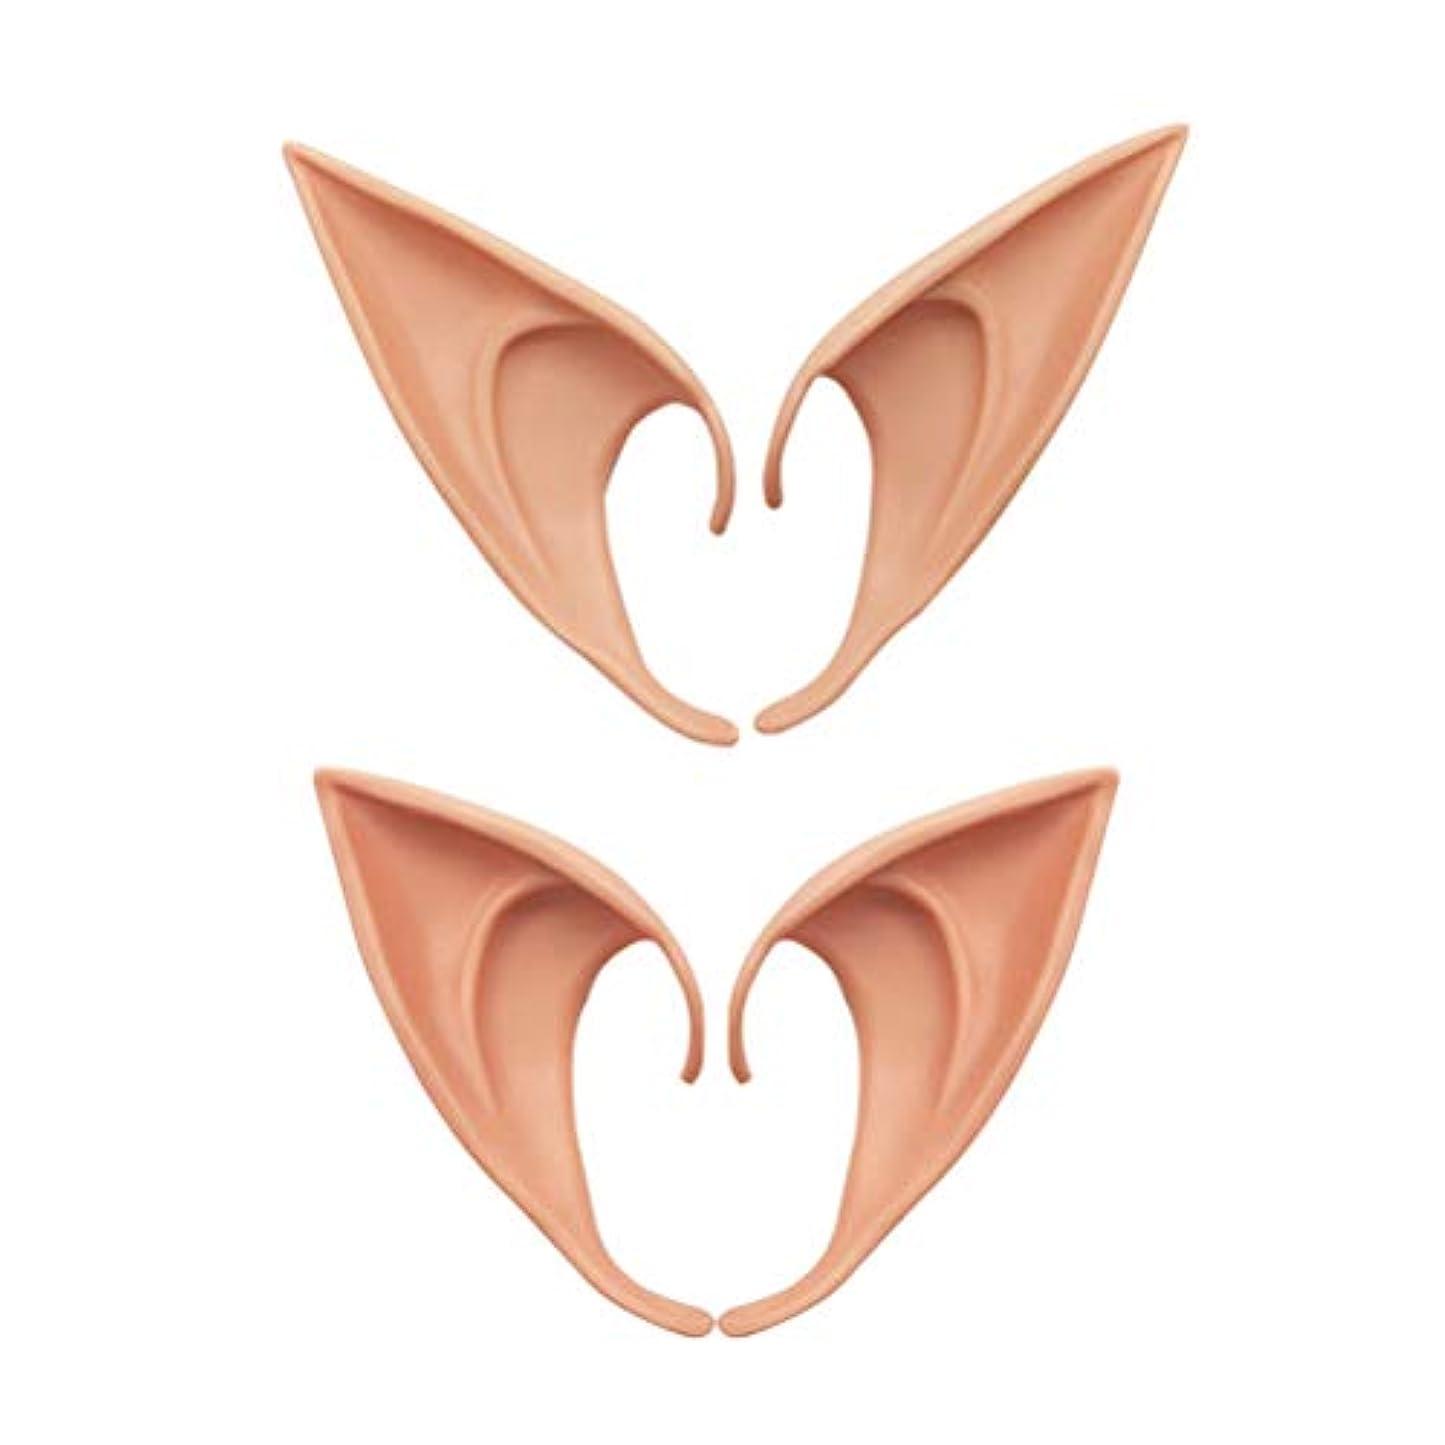 ゼリー知事協力Toyvian エルフ耳コスプレイースターカーニバルパーティーエルフコスチューム補綴耳偽のヒント耳写真小道具4ピース